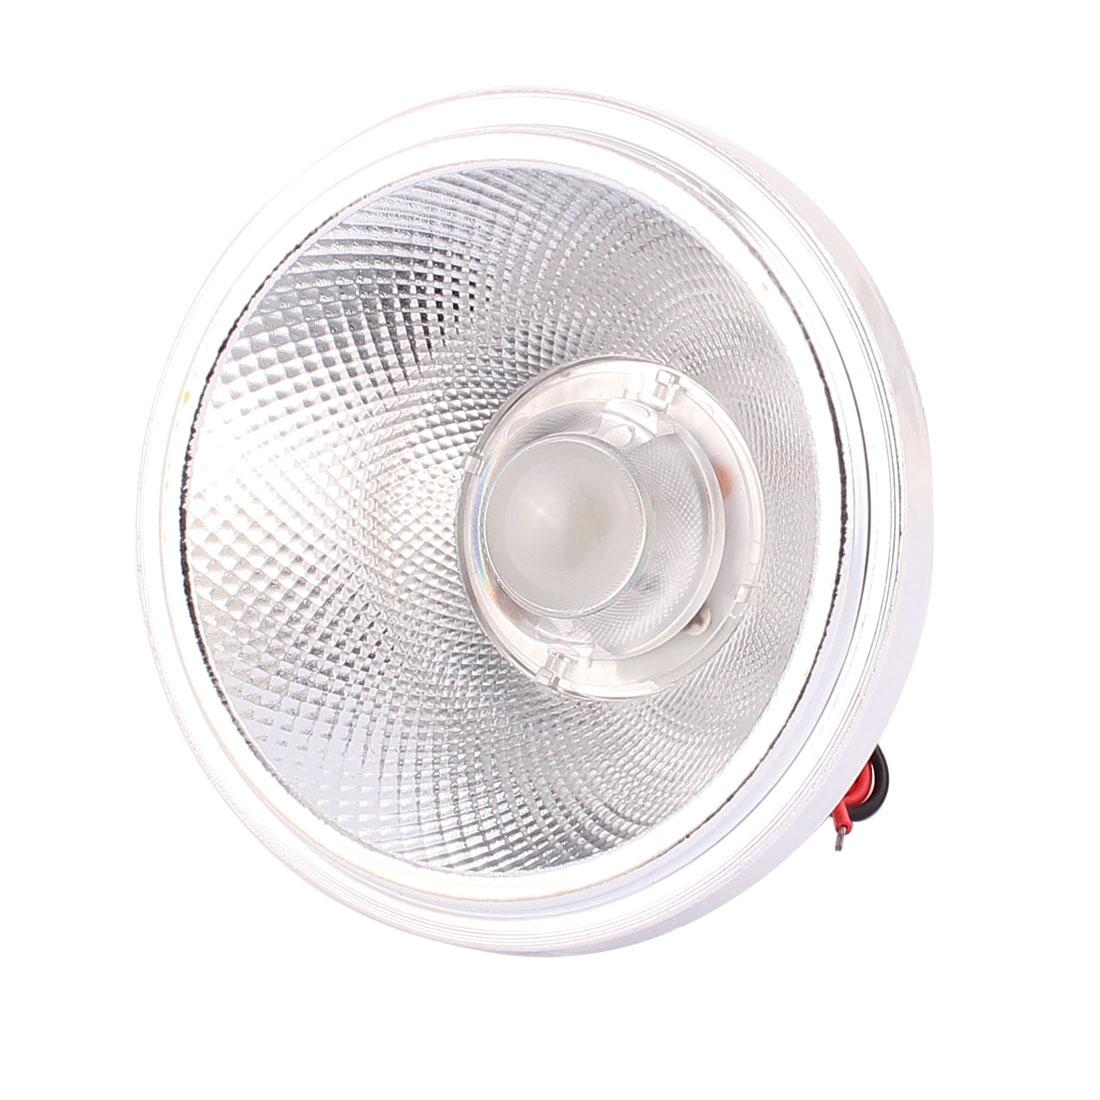 AC 85-260V 5W 2 Wire AR111 LED COB Flood Light Lamp Spotlight Pure White